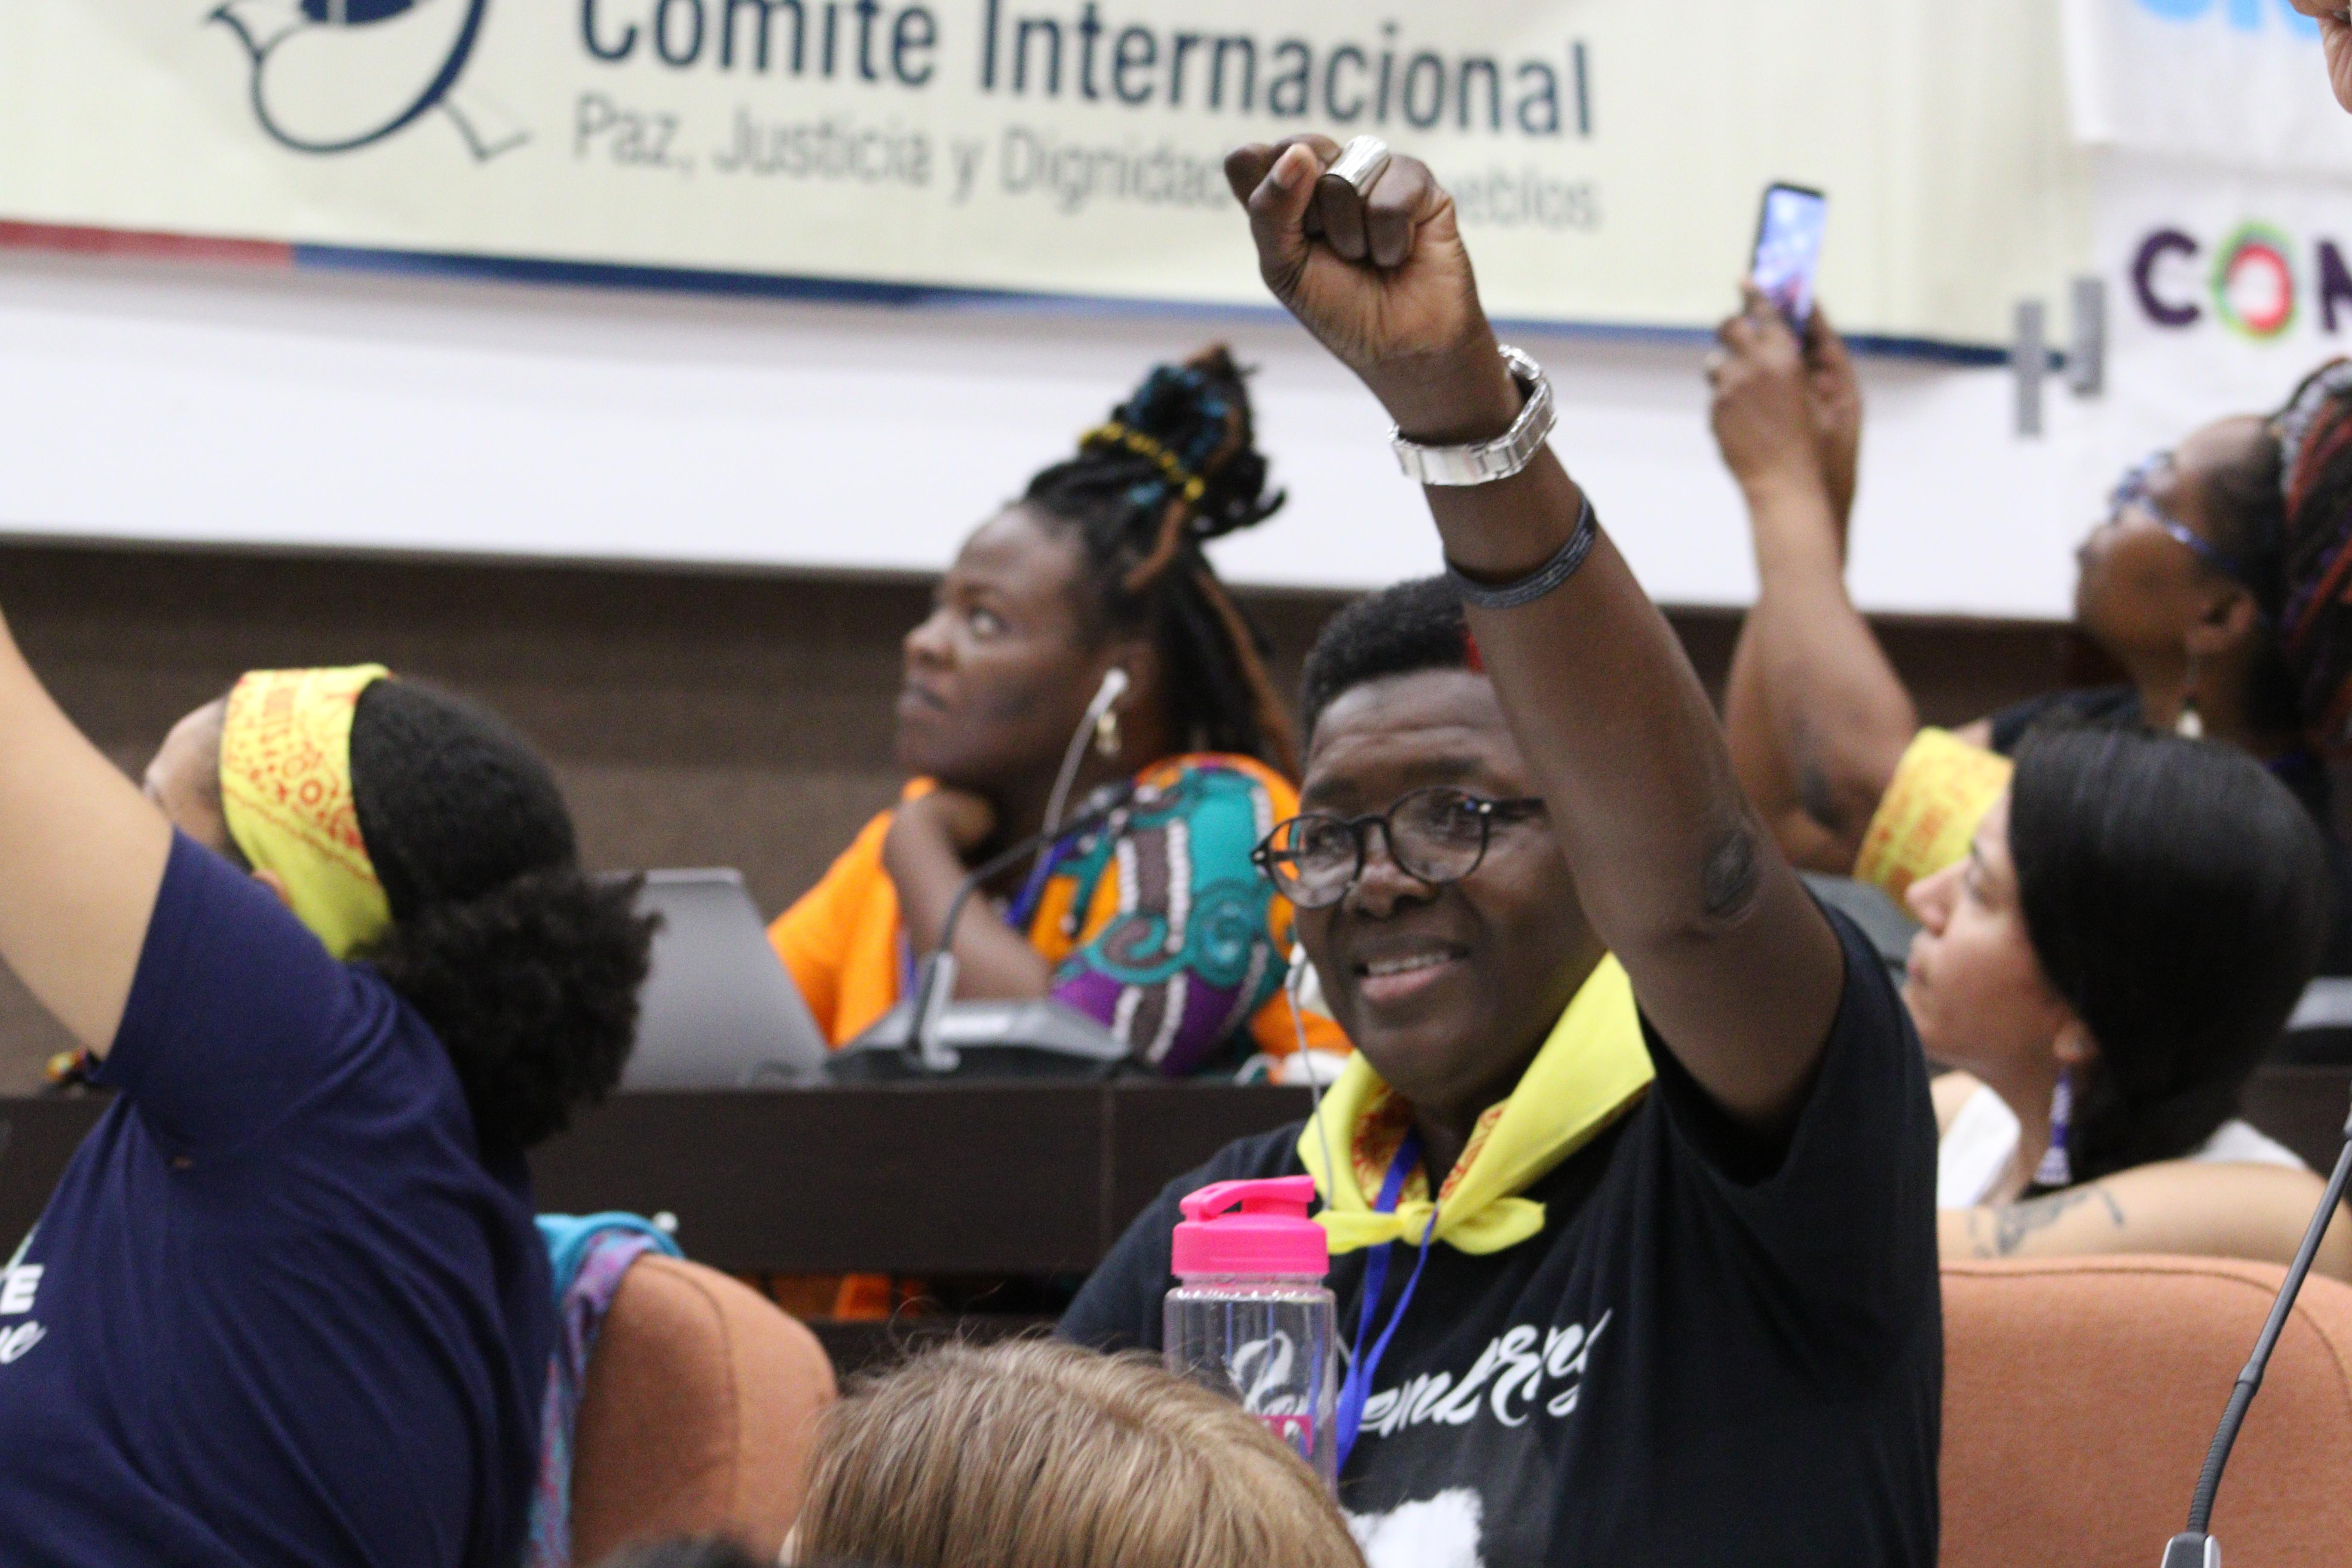 Se desarrolla en La Habana Encuentro Antiimperialista de Solidaridad